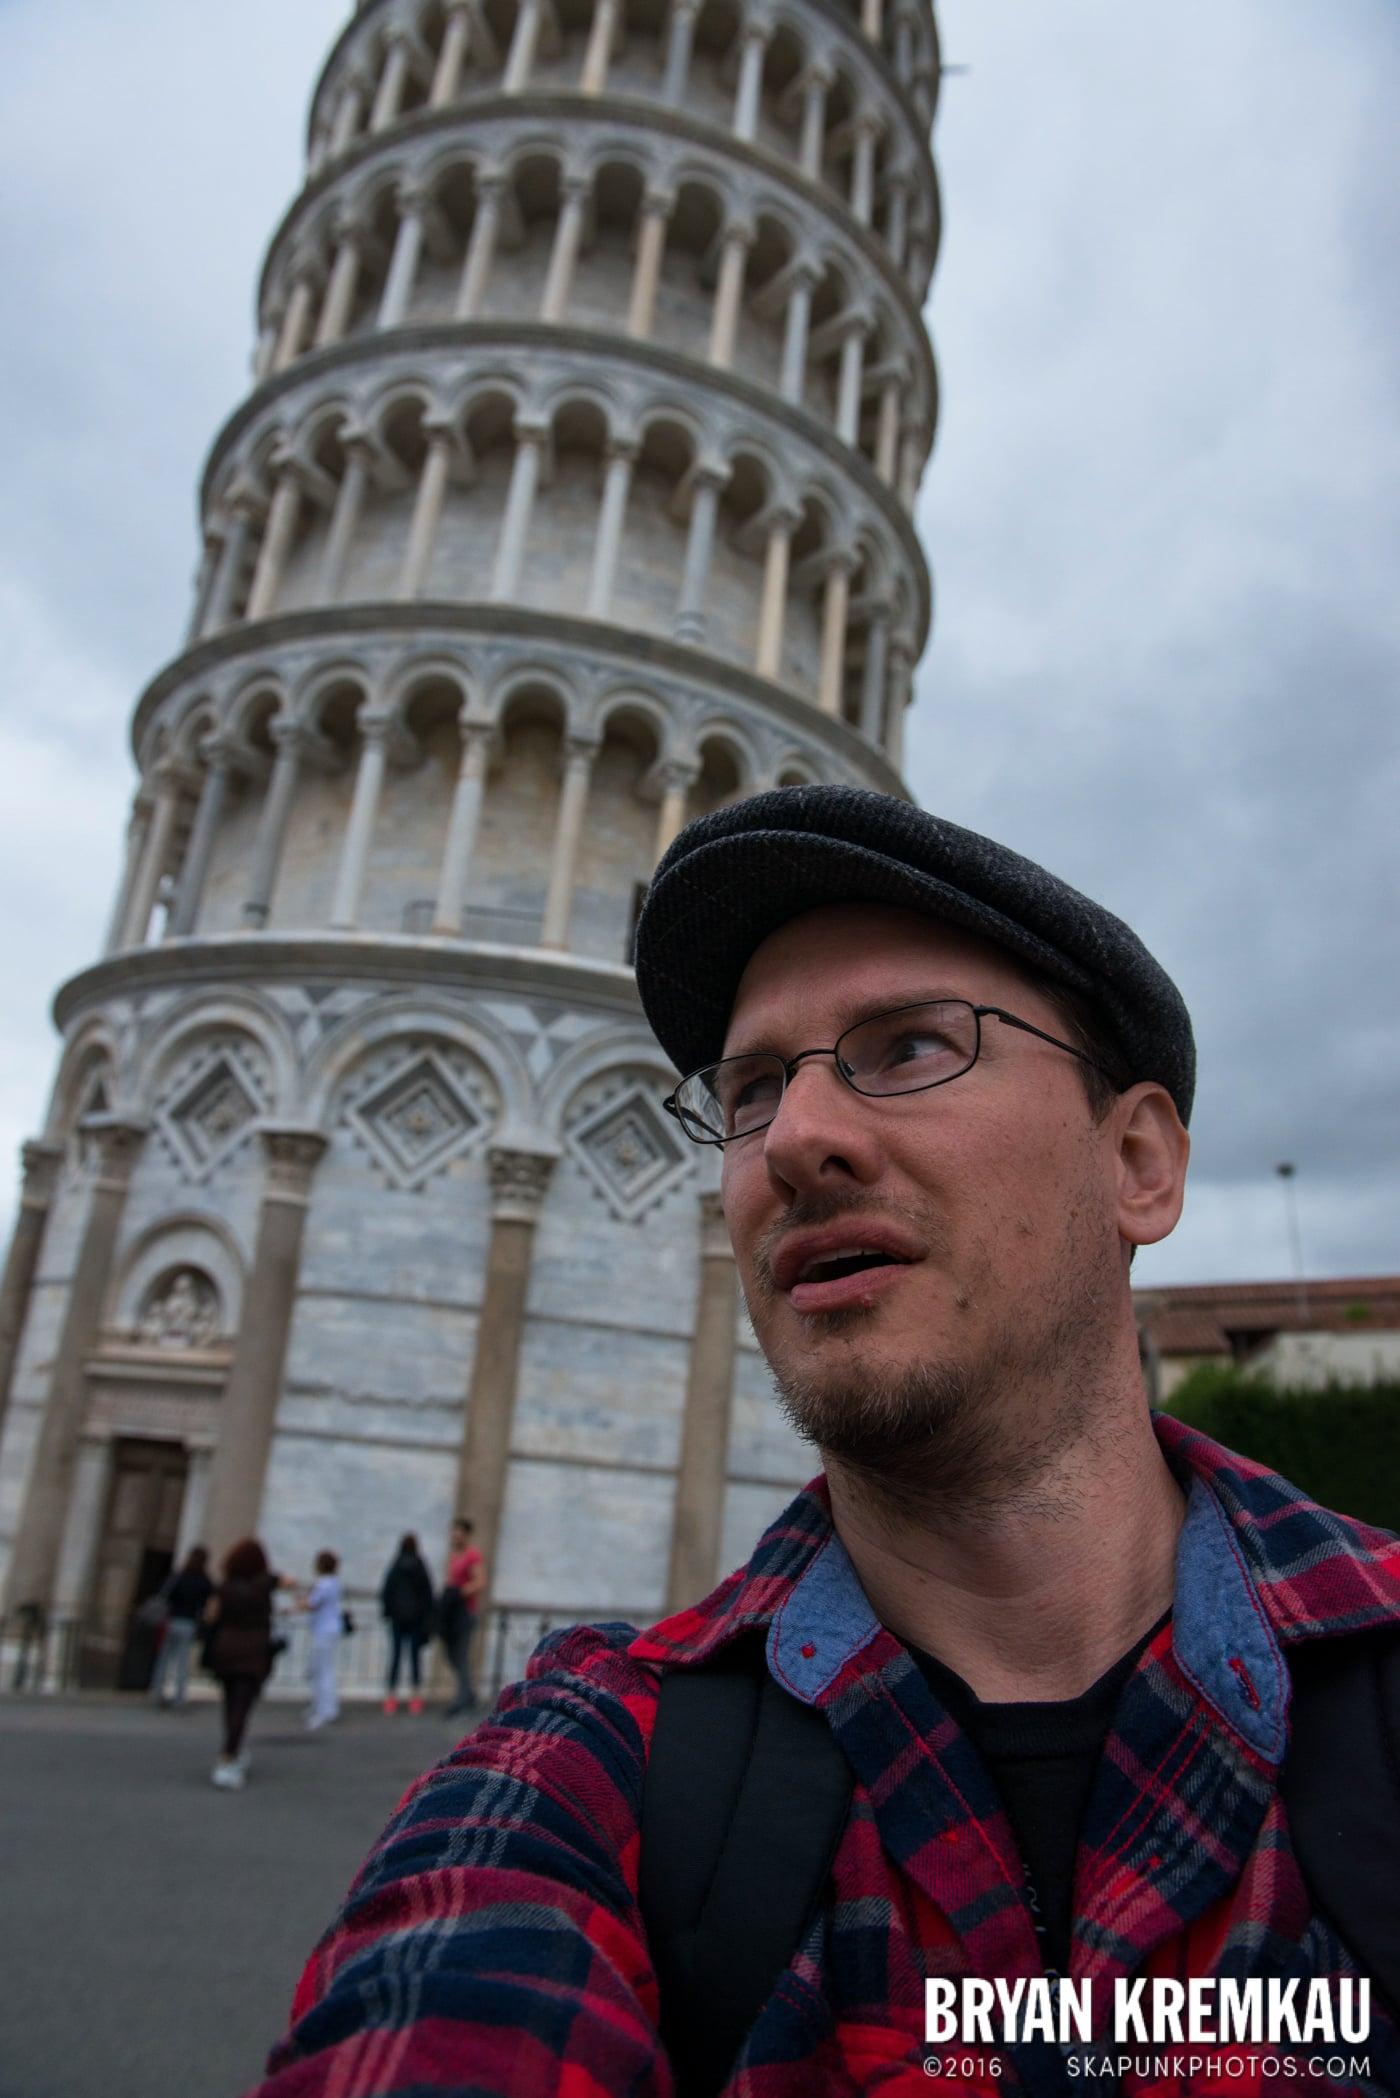 Italy Vacation - Day 8: Siena, San Gimignano, Chianti, Pisa - 9.16.13 (29)